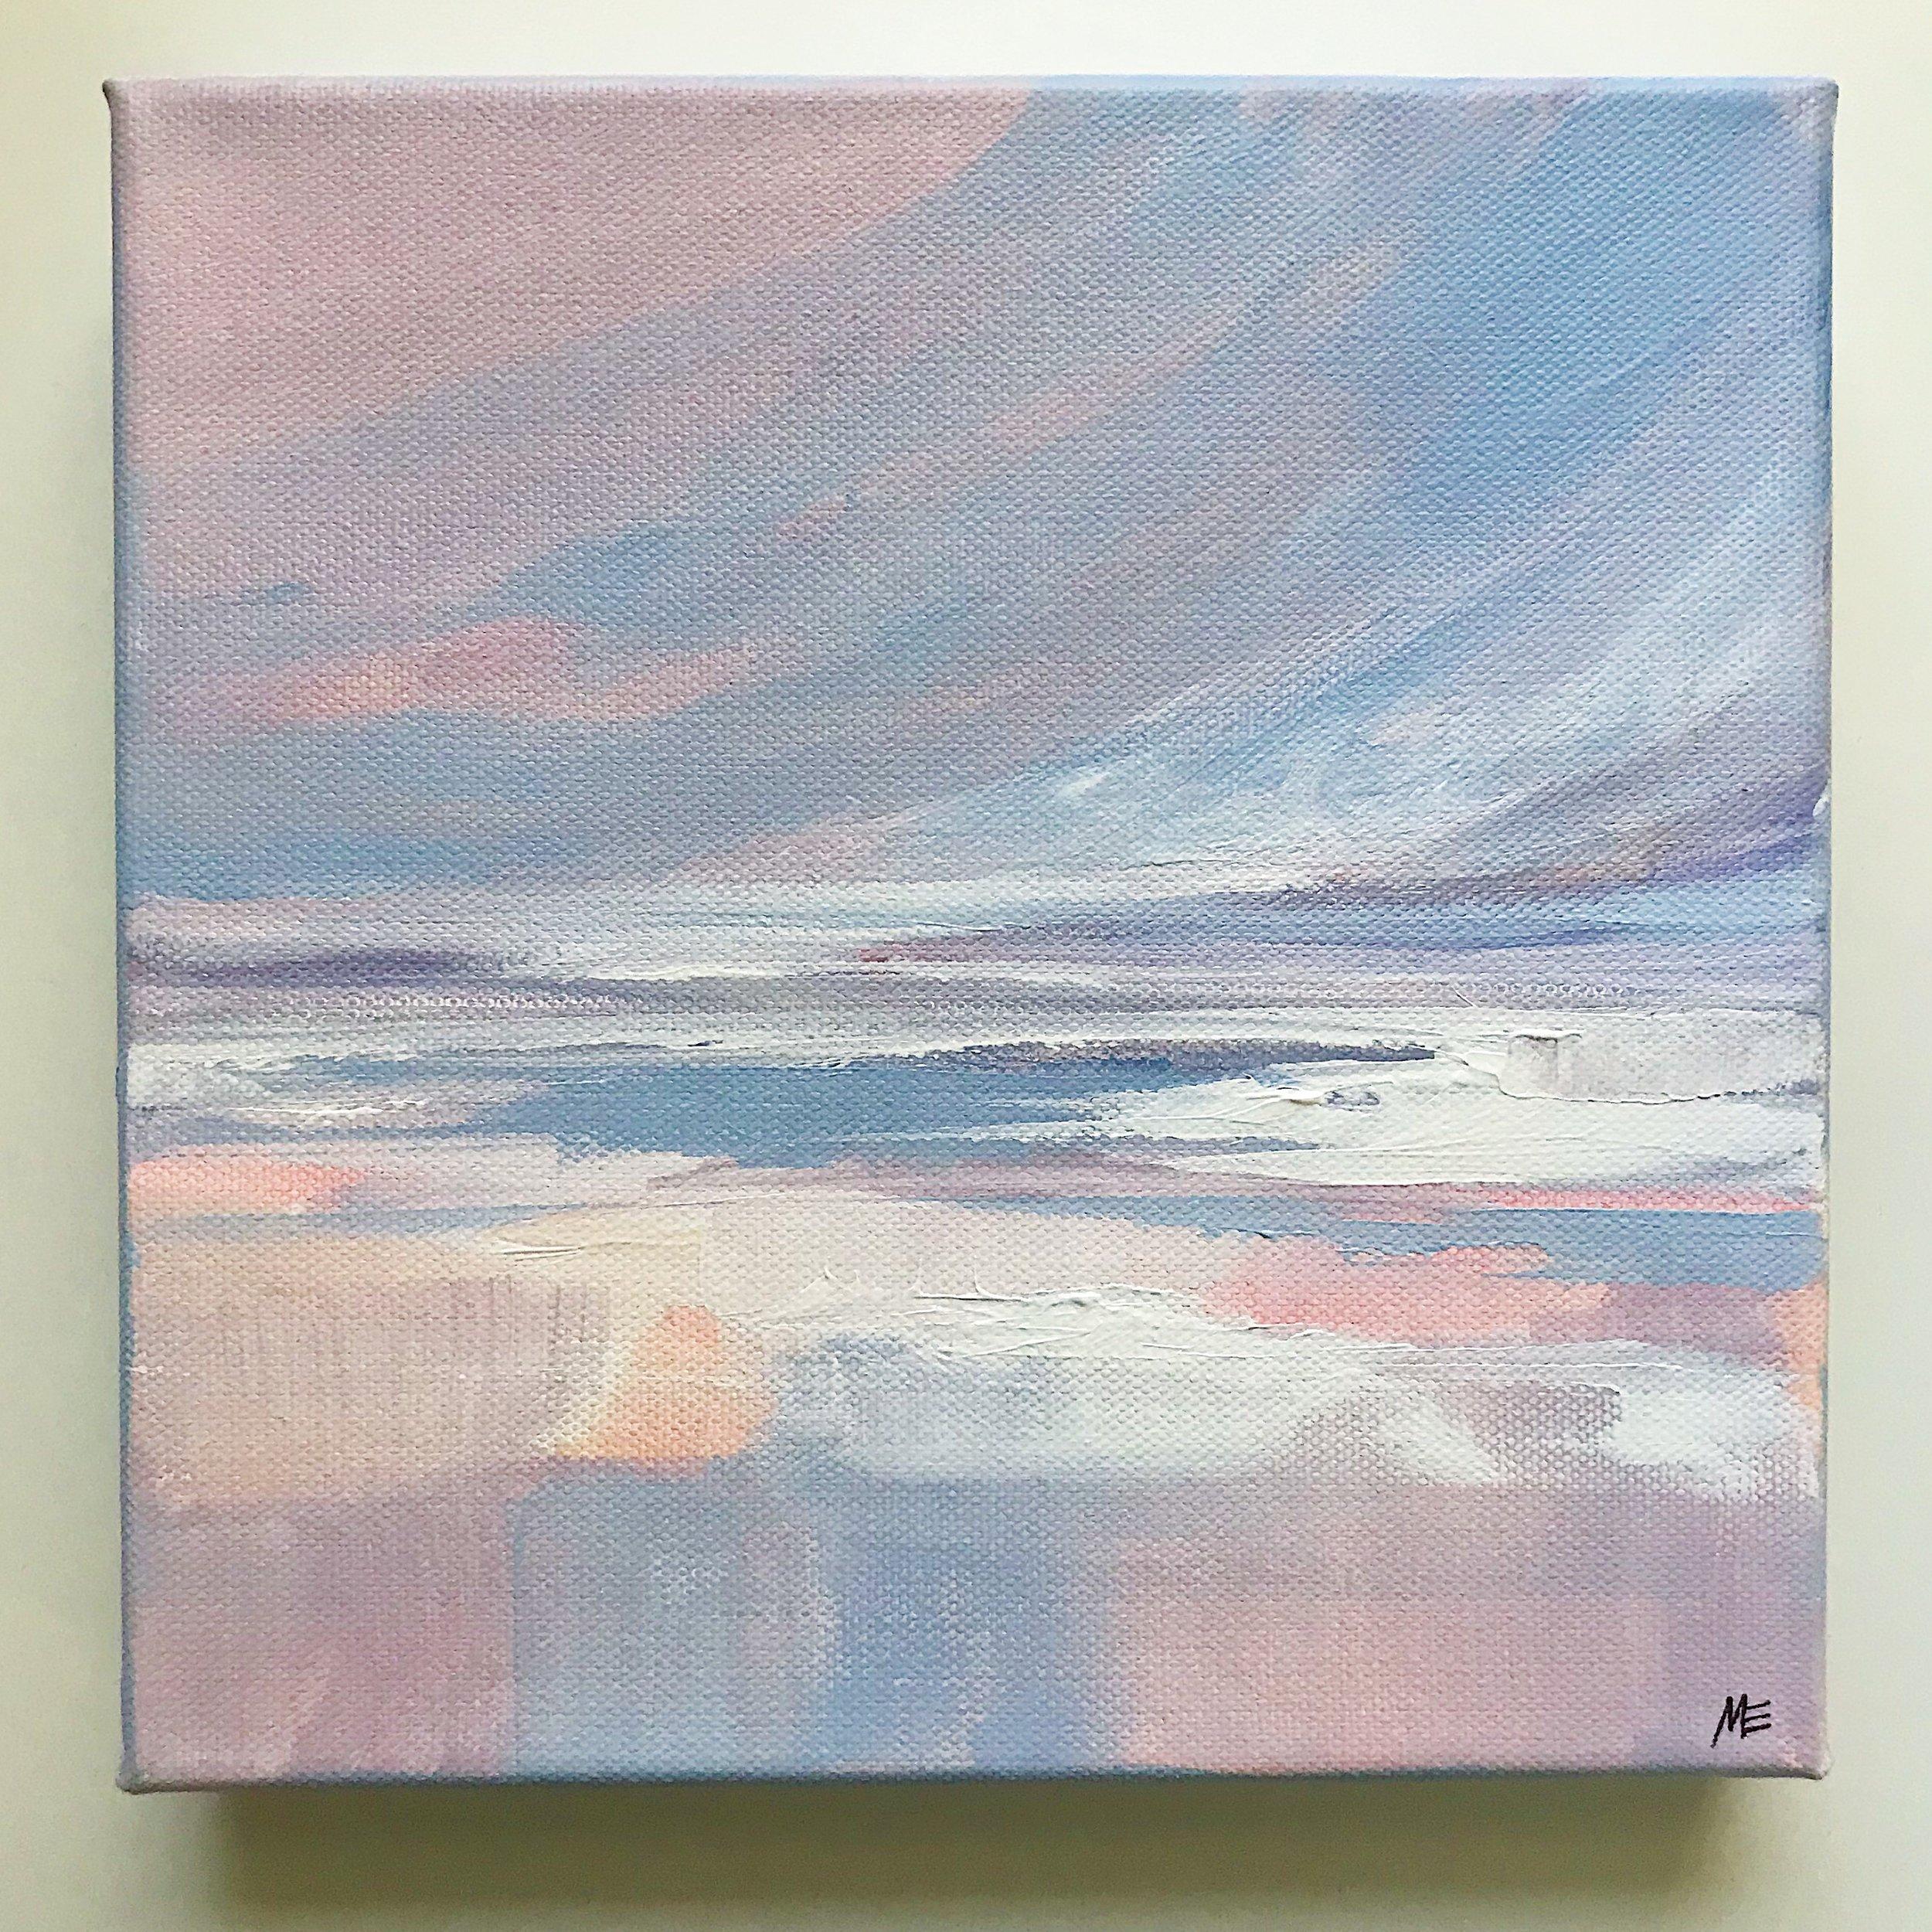 """""""Morning Beach Walk"""" by Megan Elizabeth, 2019."""